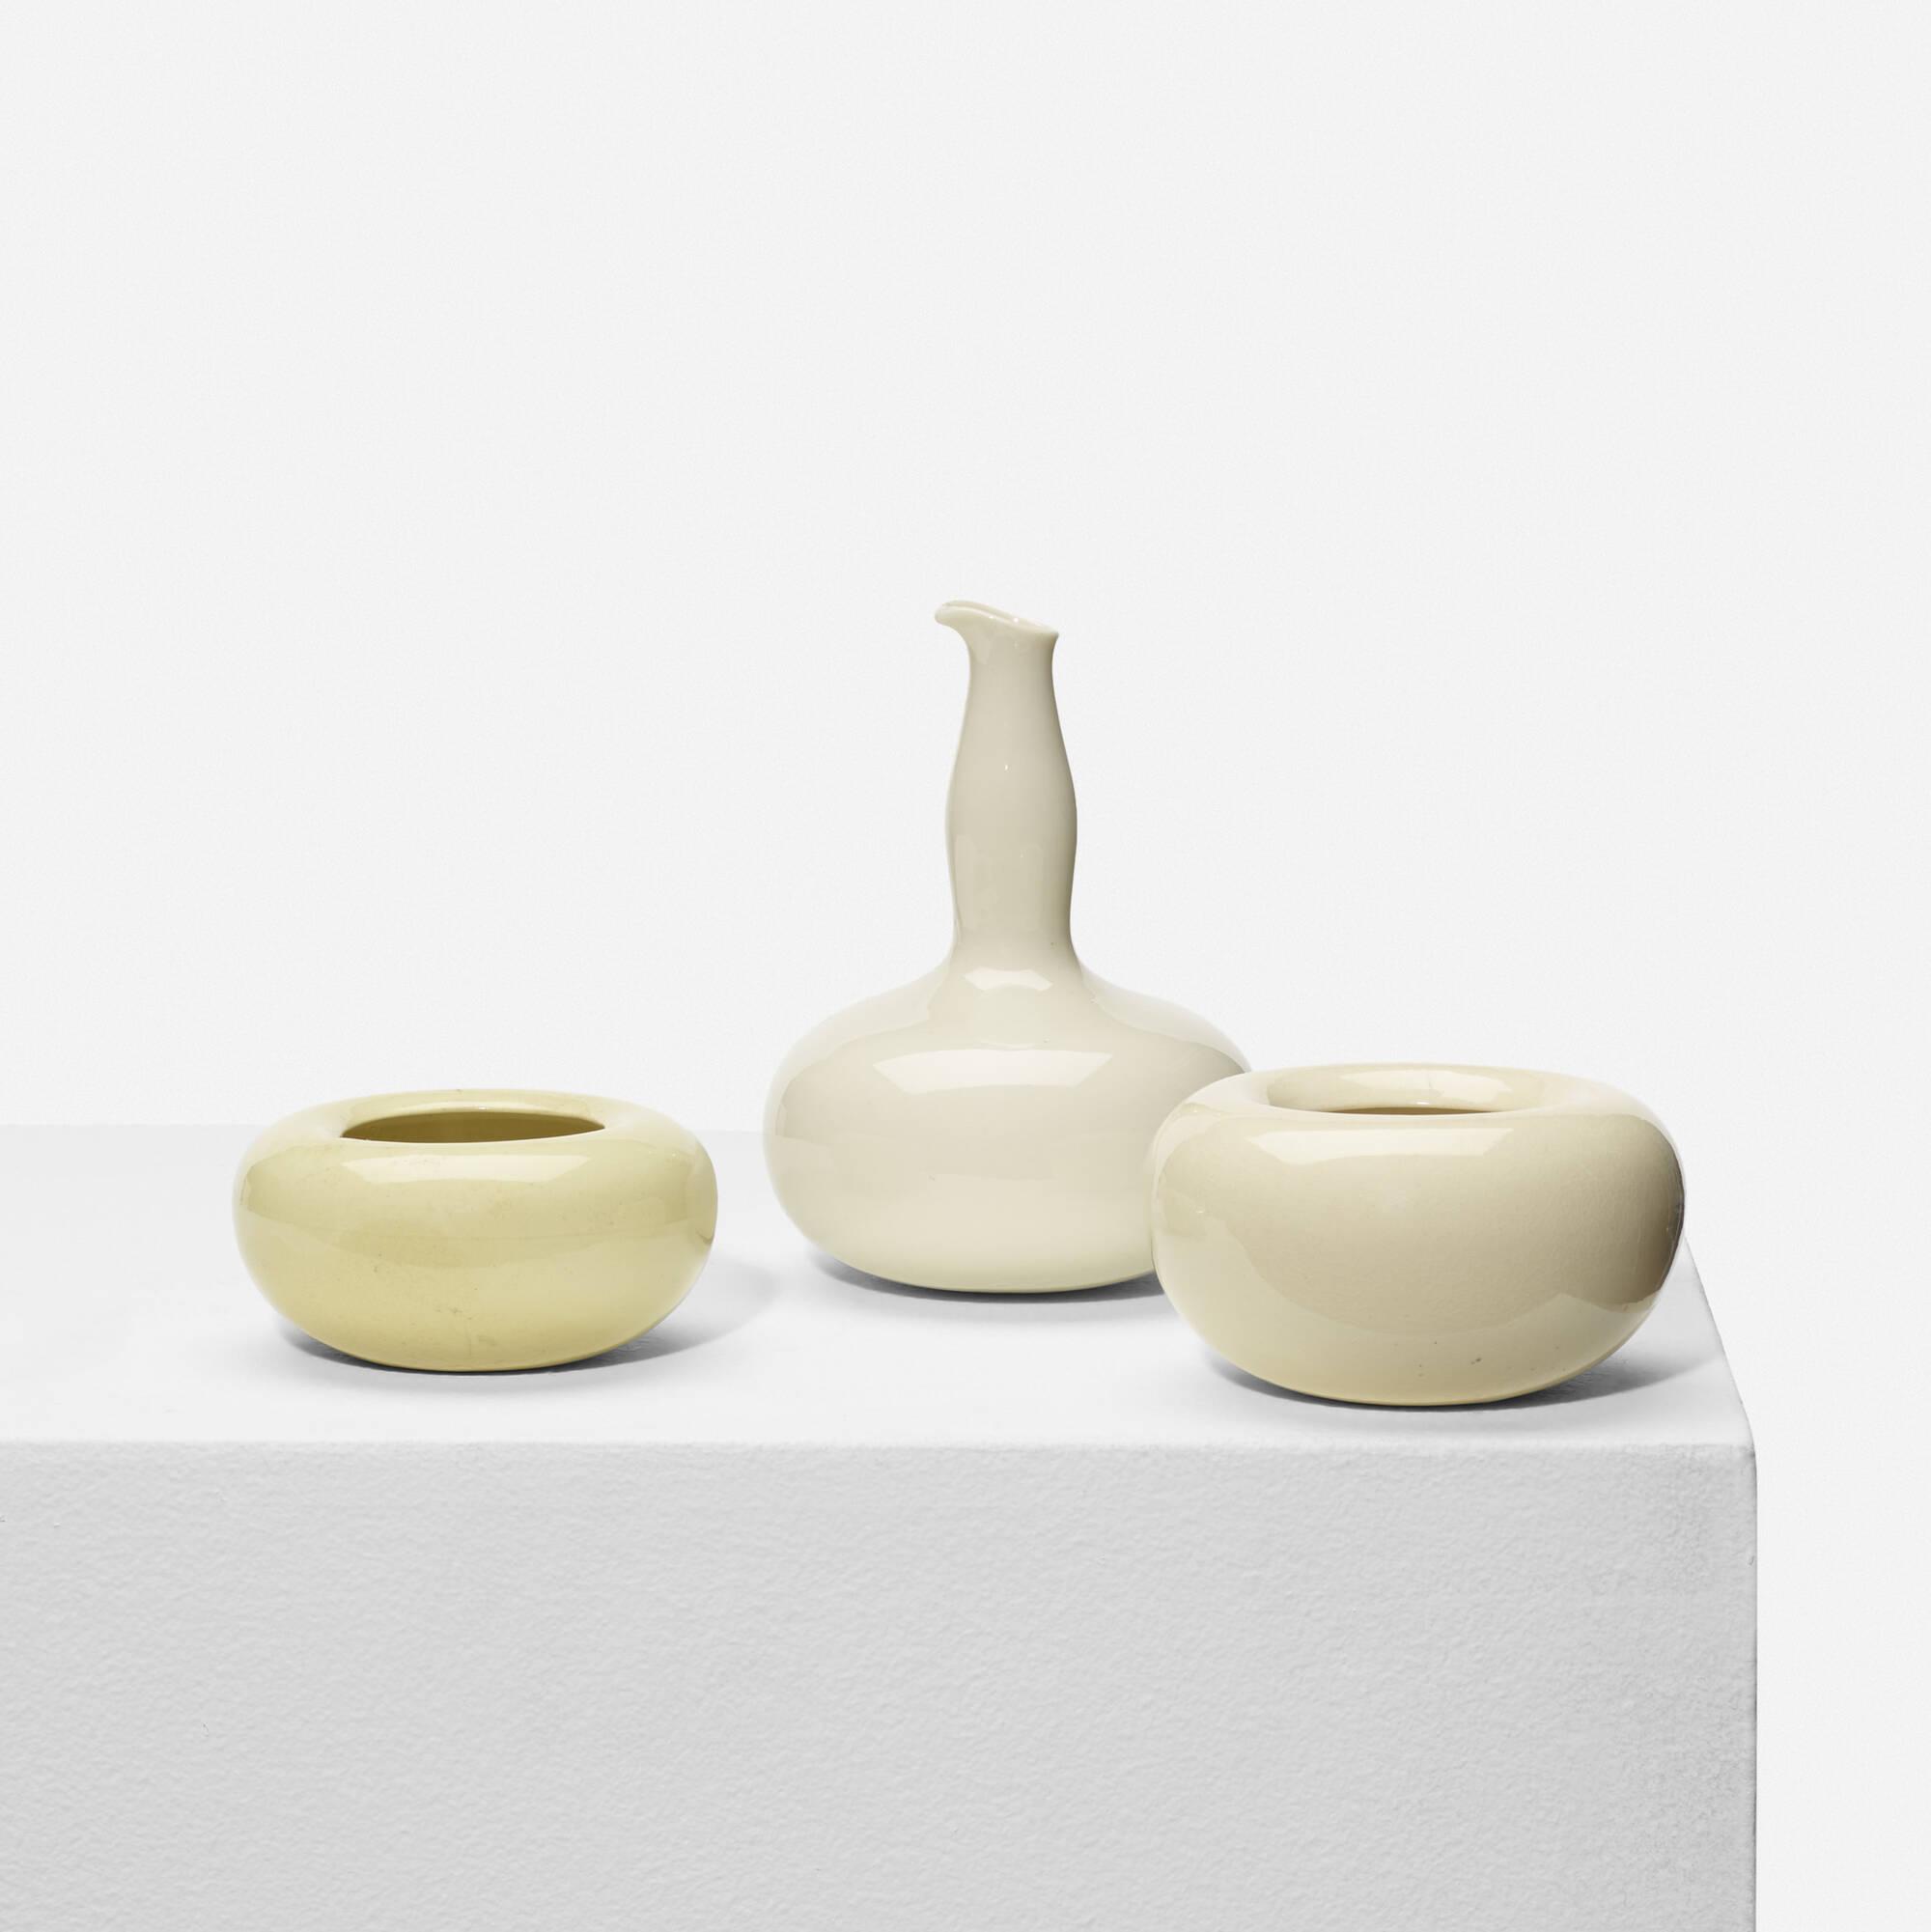 330: Eva Zeisel / condiment set (1 of 2)